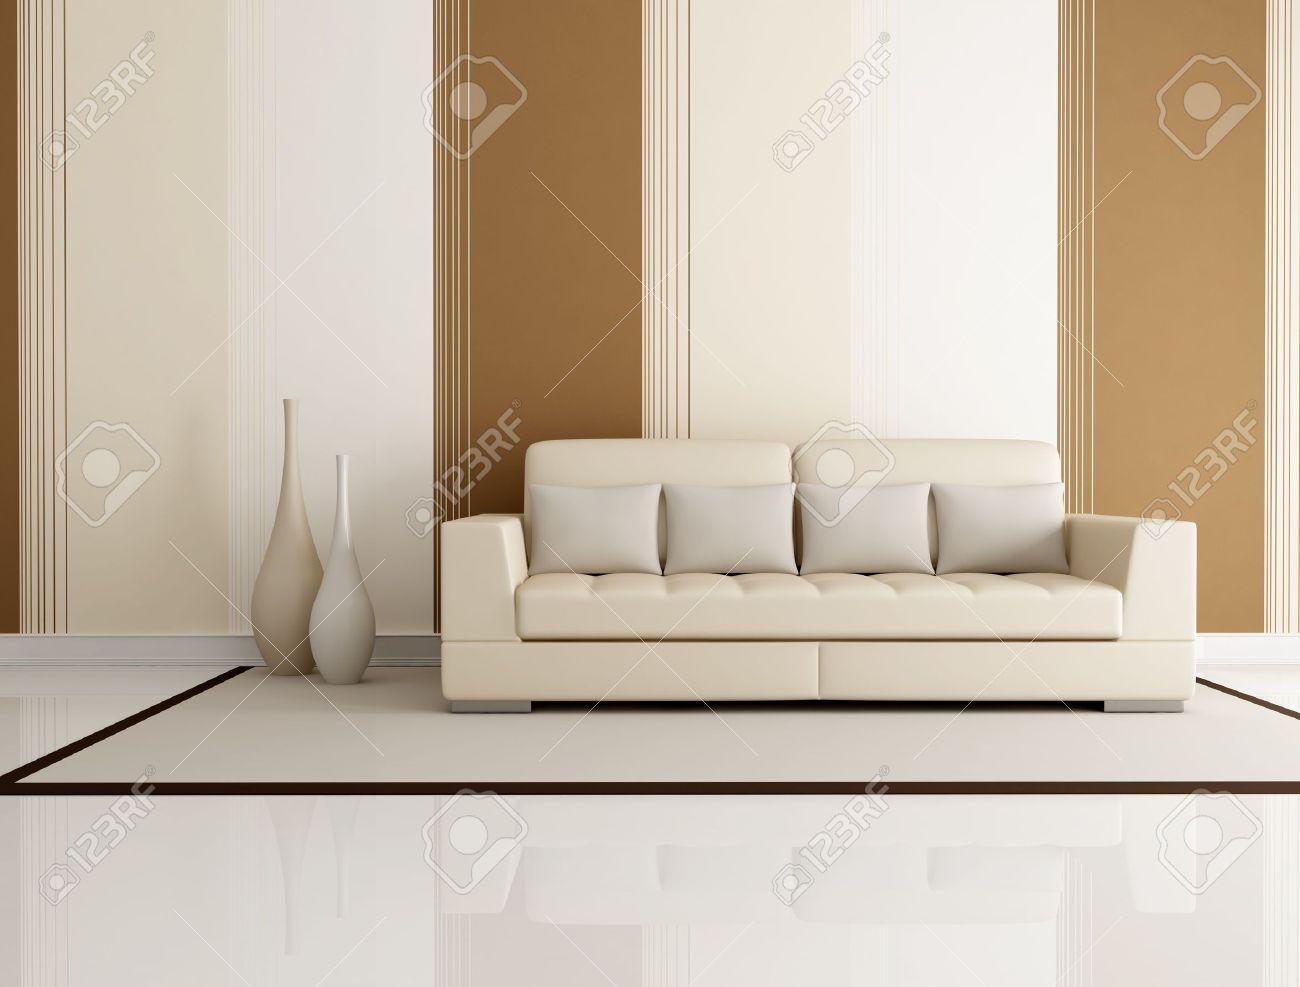 luxuty wohnzimmer mit beige sofa stockfoto bild 48326579, Wohnzimmer dekoo